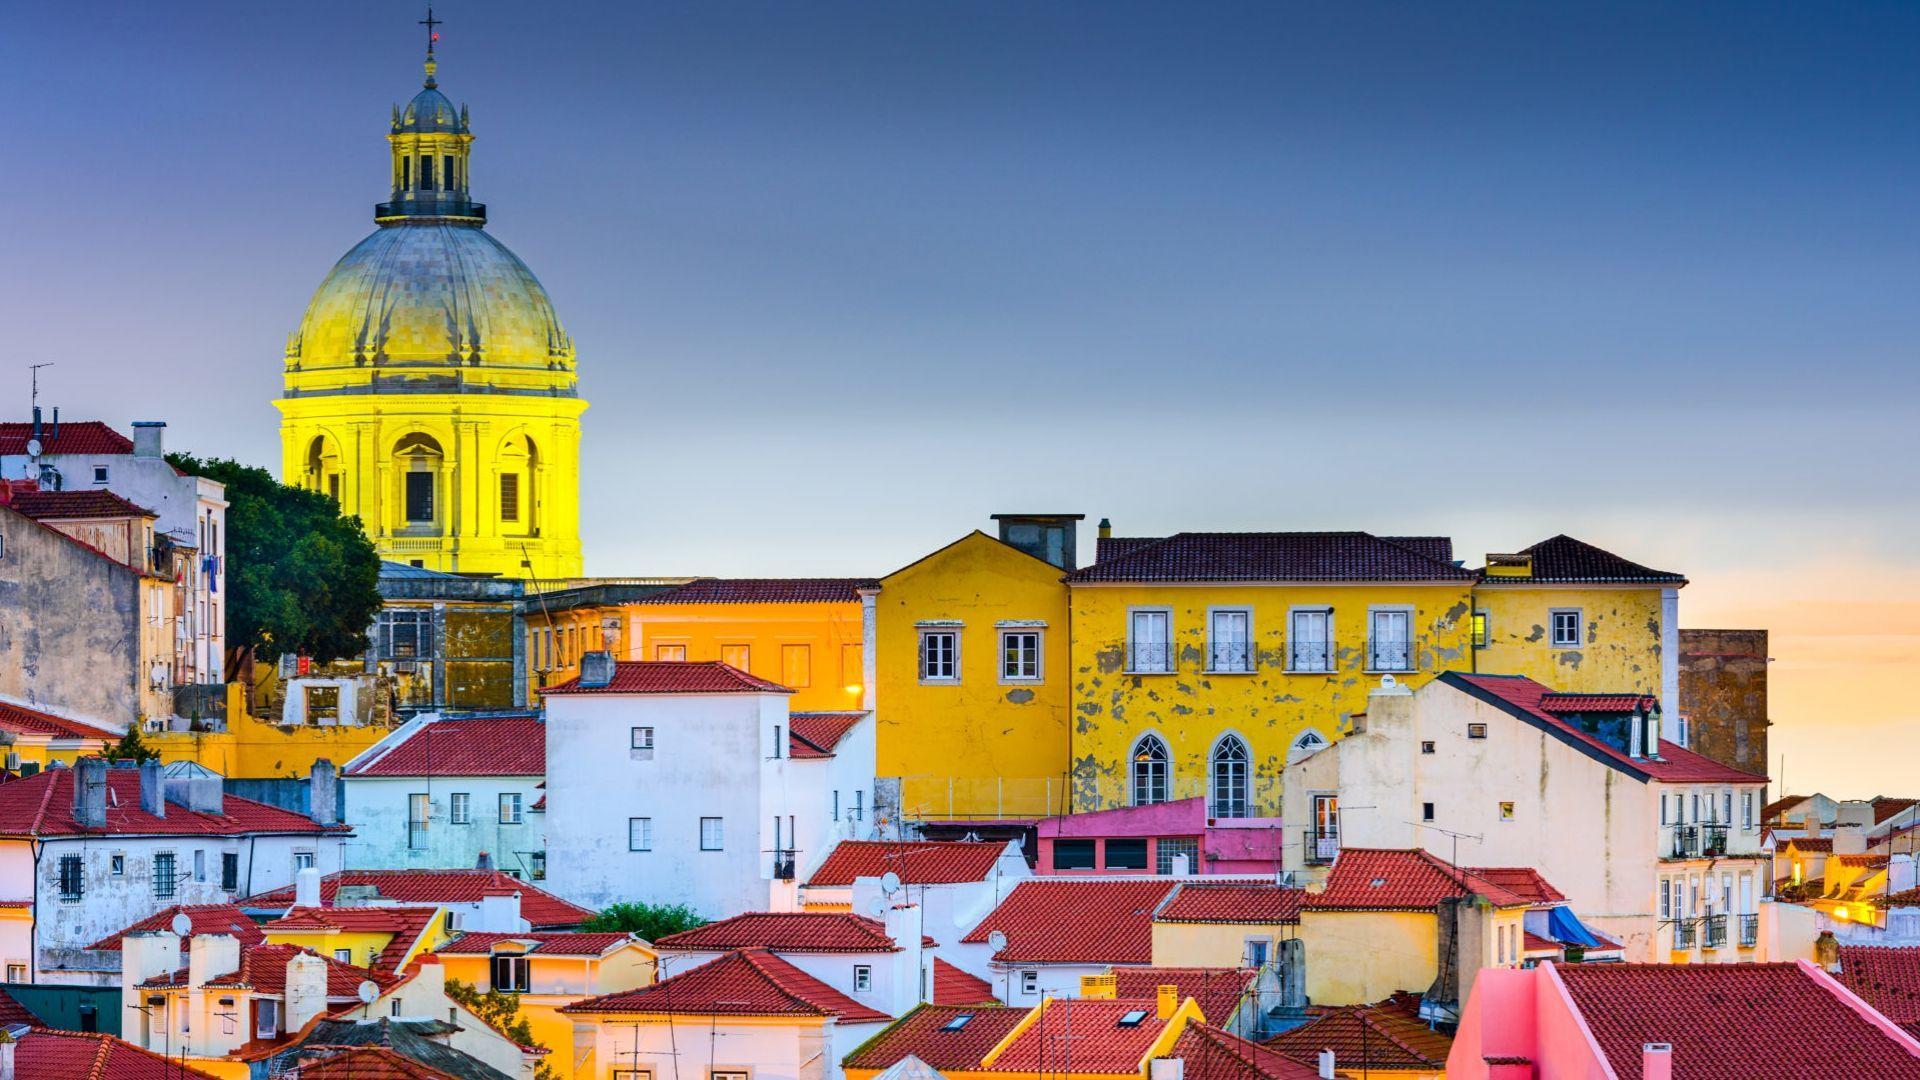 Alfama - Lisabonos rajonas, žavintis spalvotais namukais